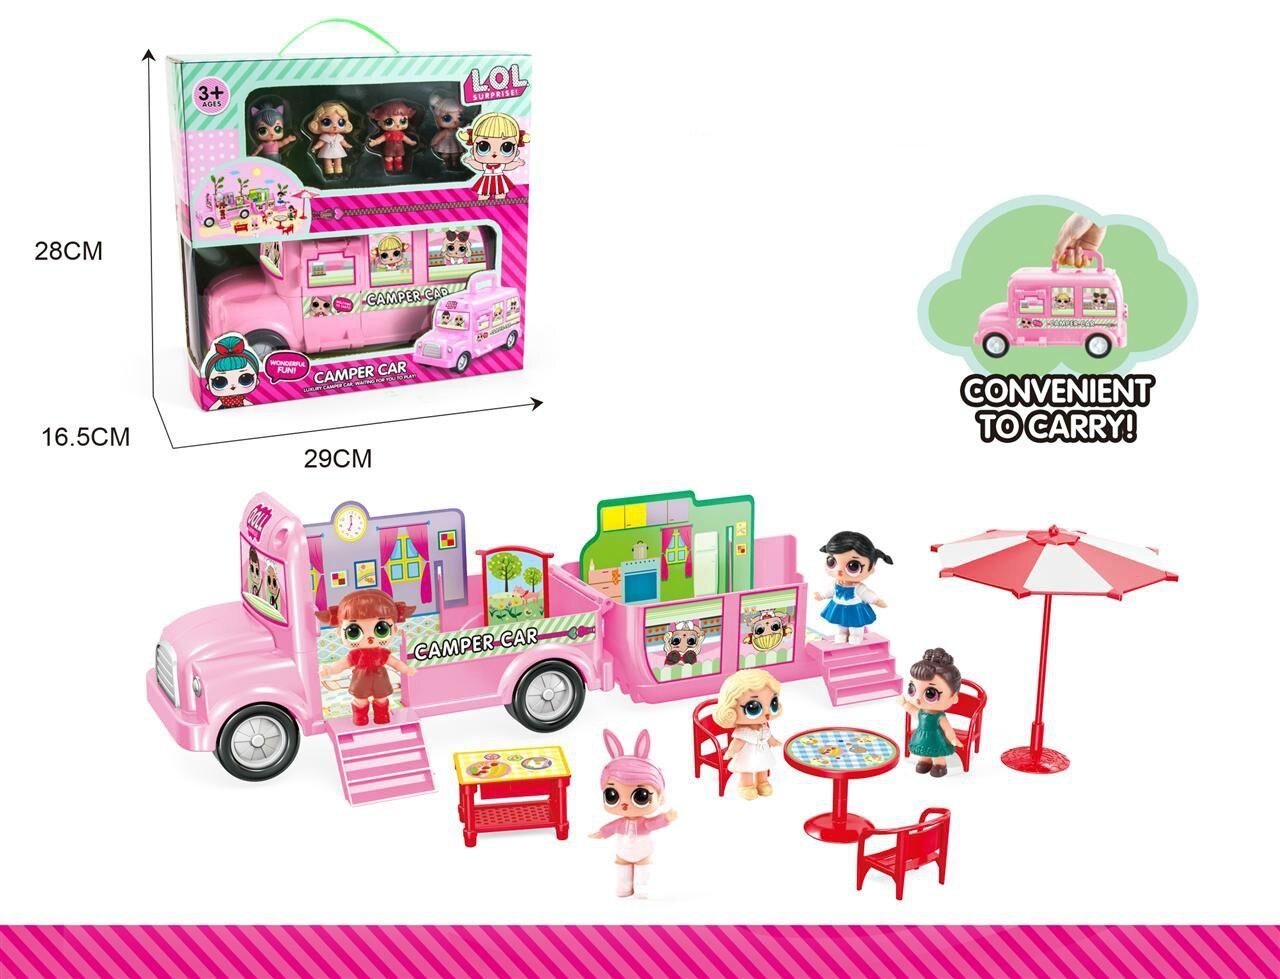 Lol poupée Surprise fille jouer maison jouet glace voiture avec boîte originale jouets pour enfants cadeau